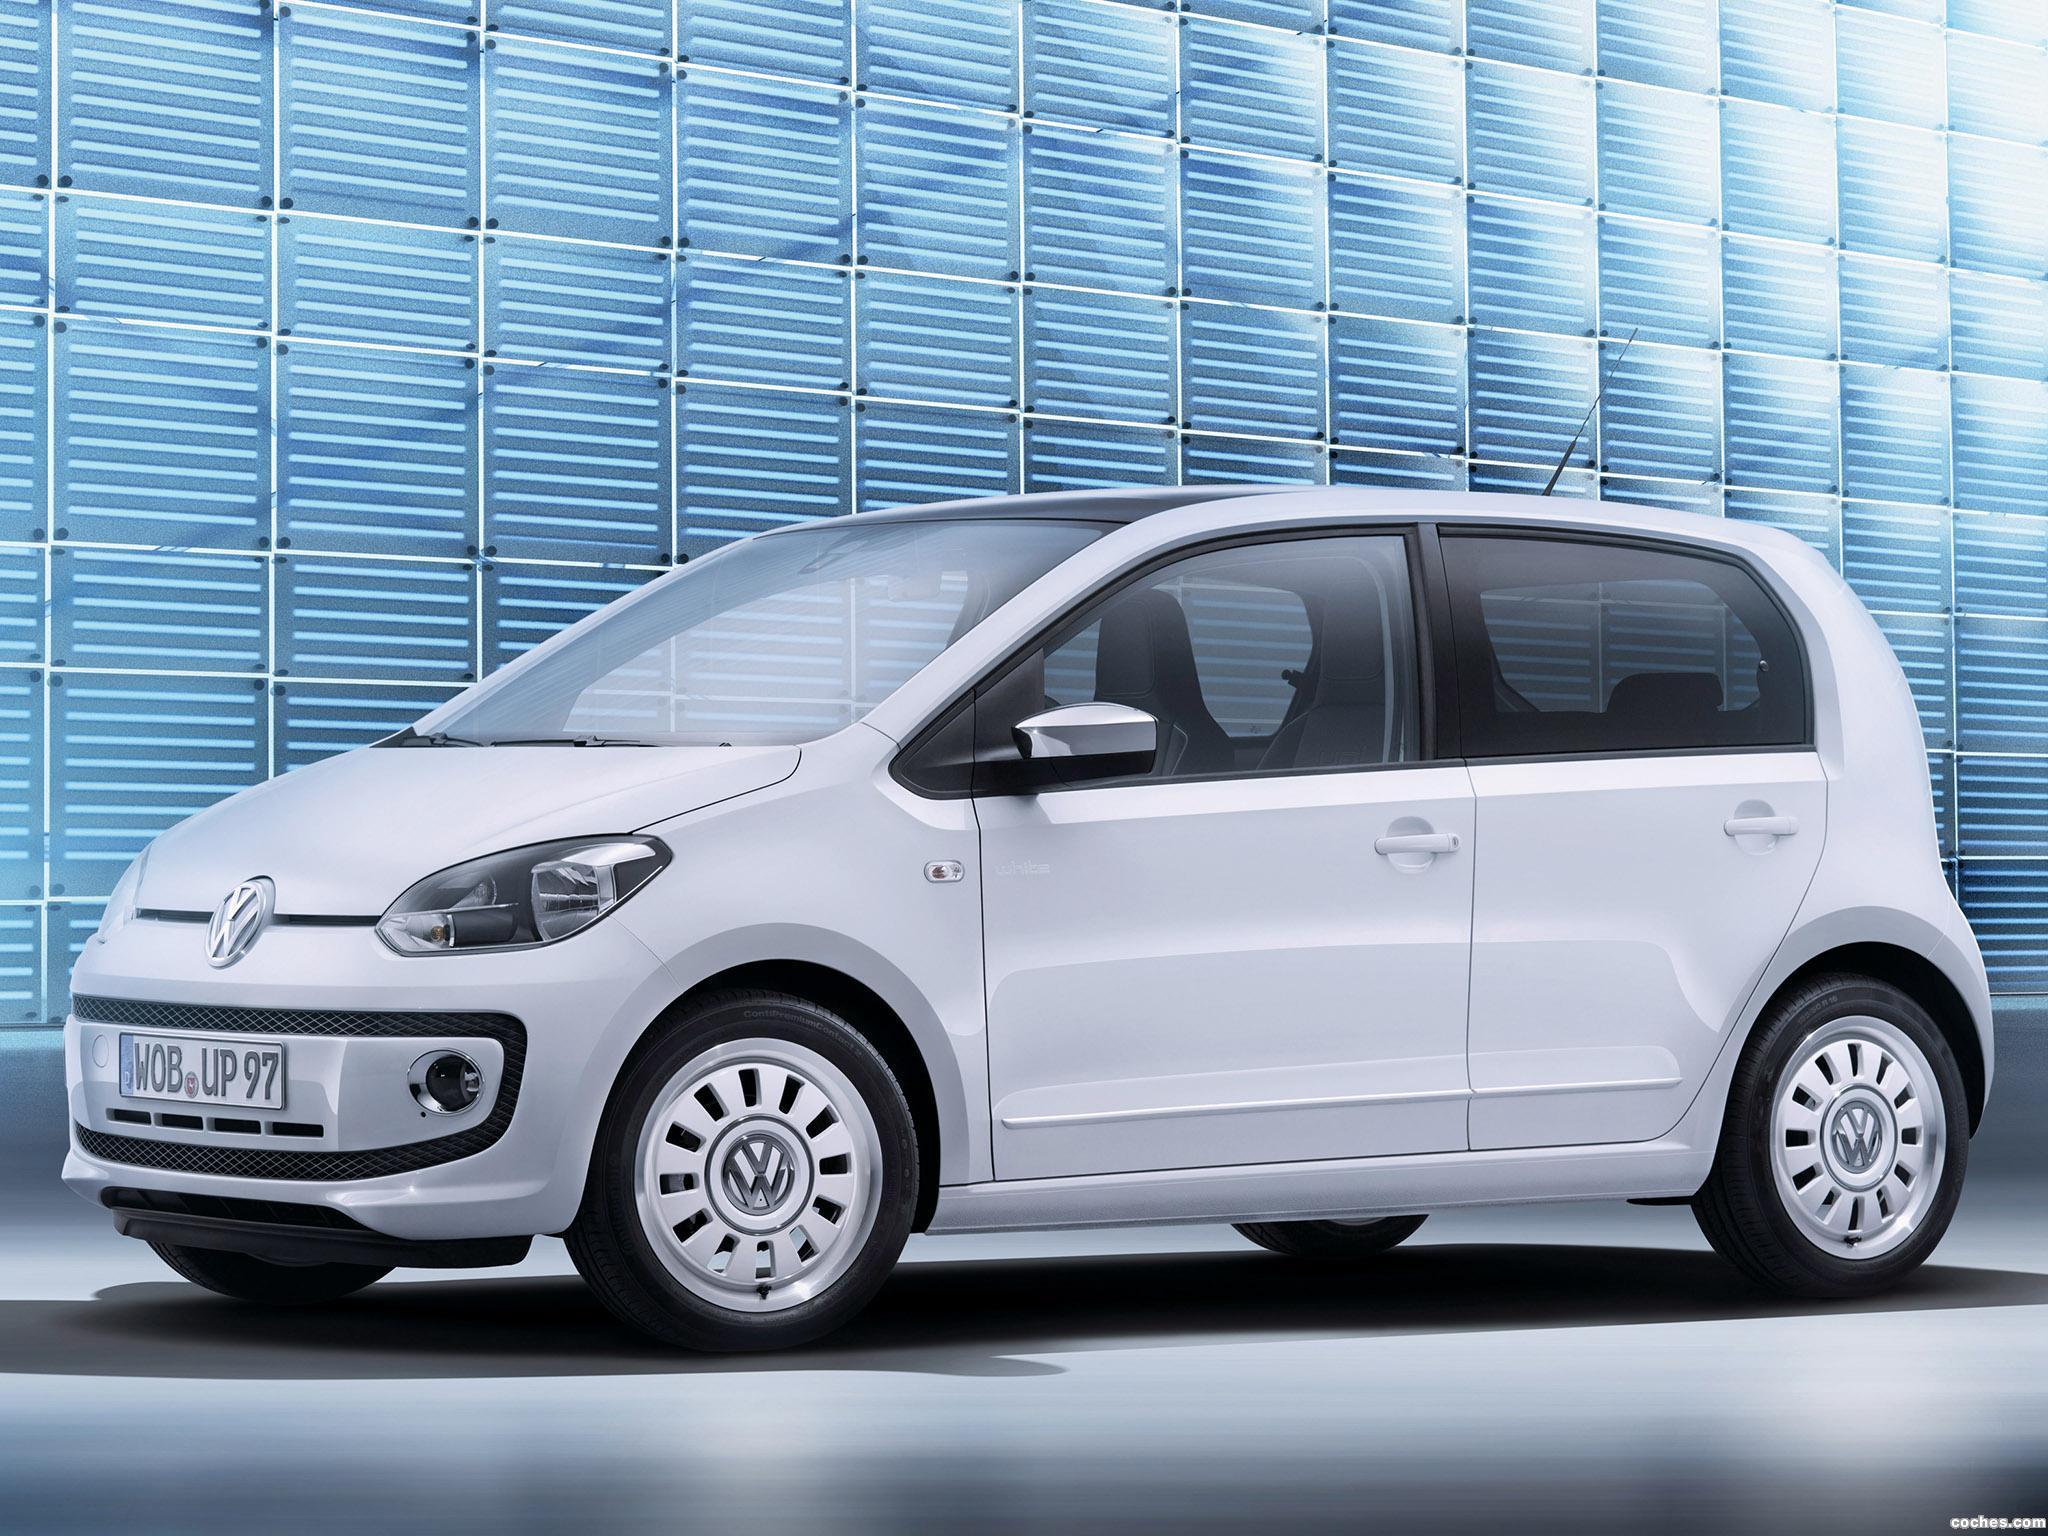 Foto 11 de Volkswagen Up! White 5 puertas 2012